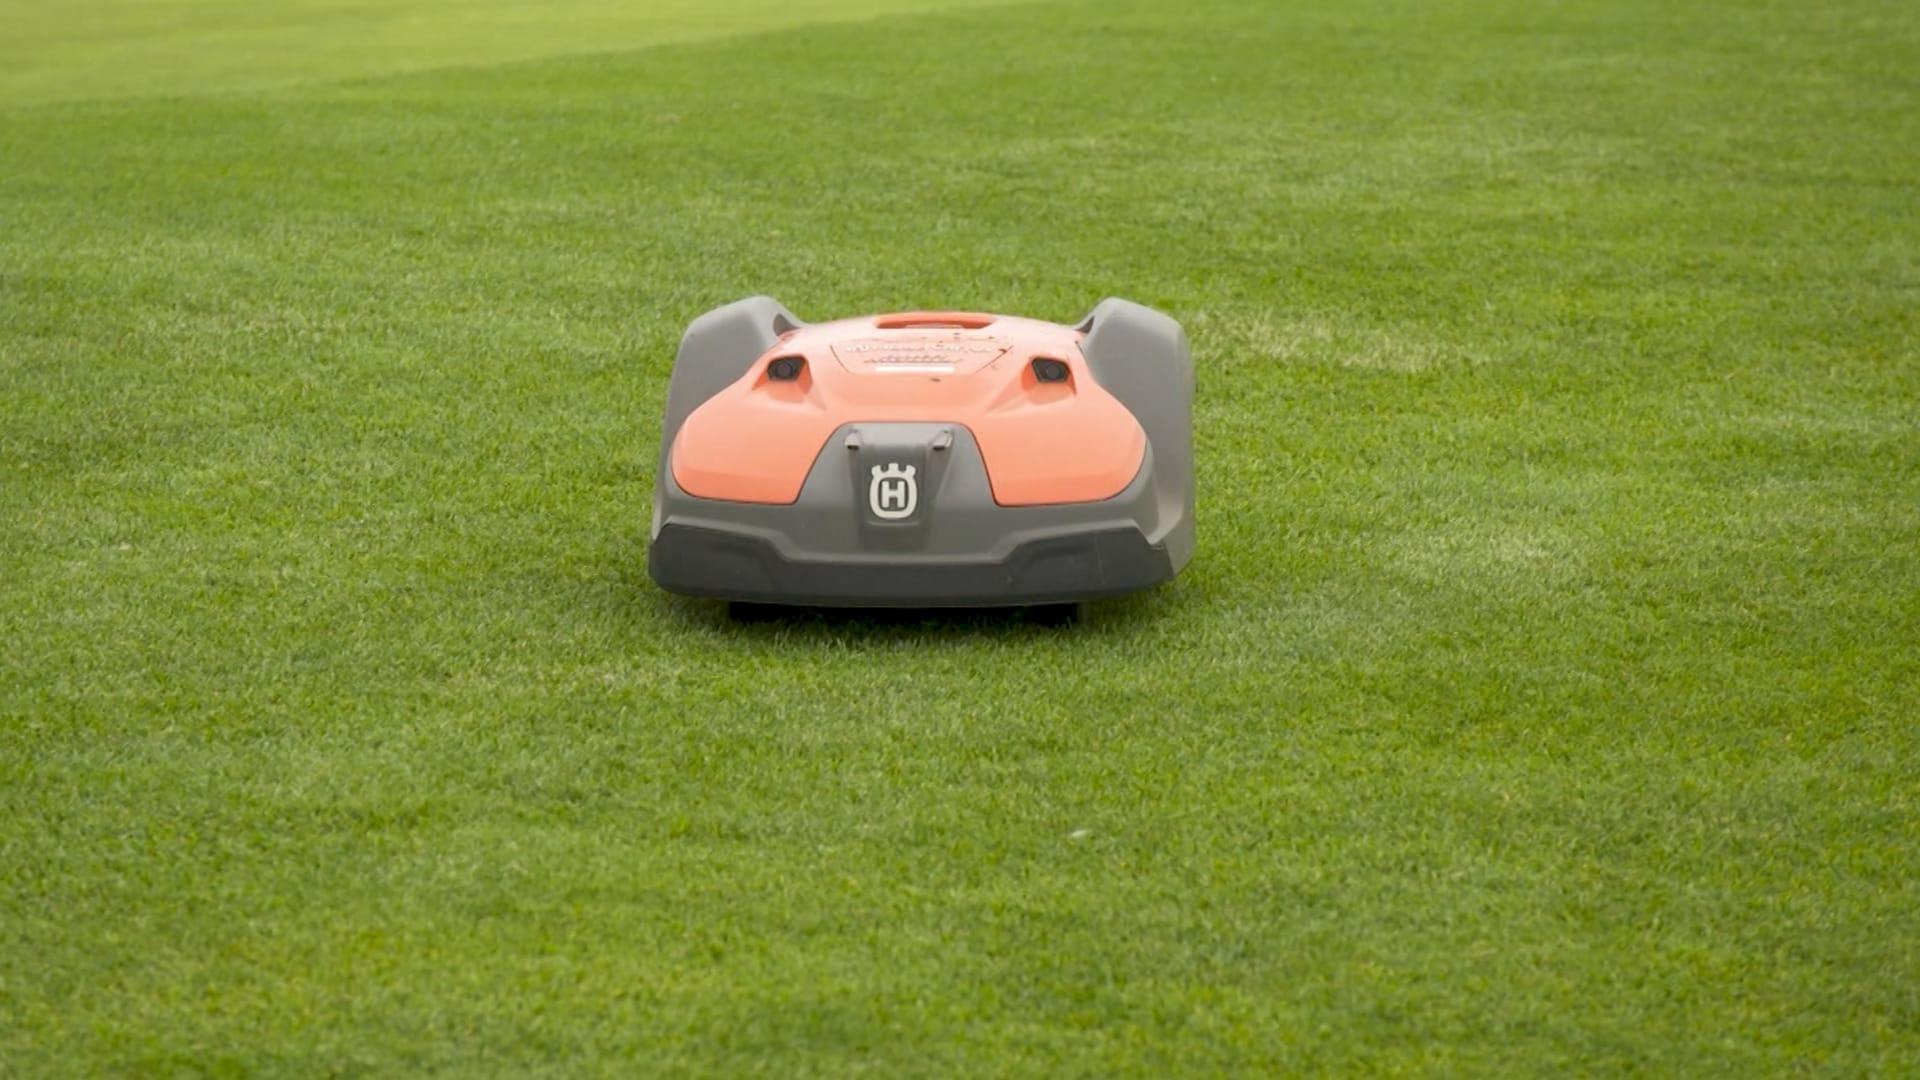 هذه الروبوتات تجعل ملعب غولف في أيسلندا من بين الأكثر خضرة بالعالم